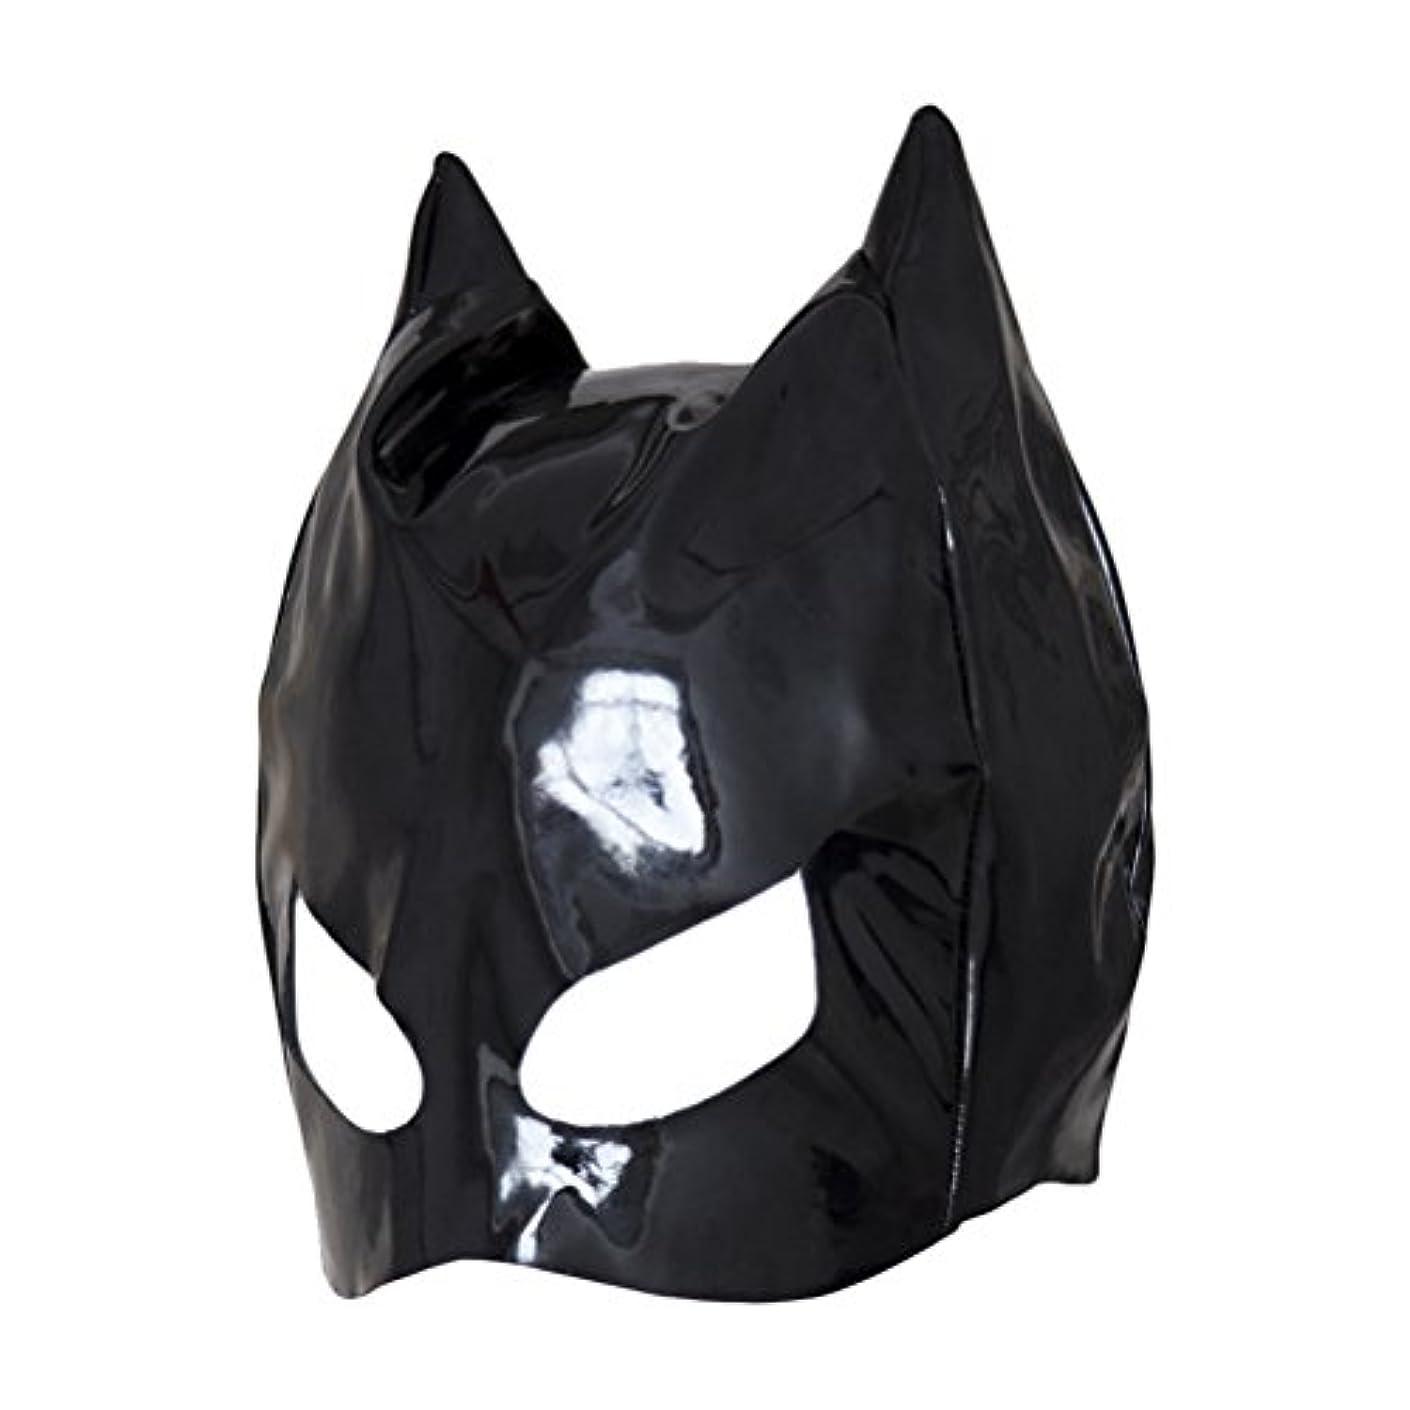 降下明らかにする独占Healifty 全頭マスク フェイスカバー オープンアイズ PUレザーフード コスプレ 衣装帽子 ユニセックス (ブラック)